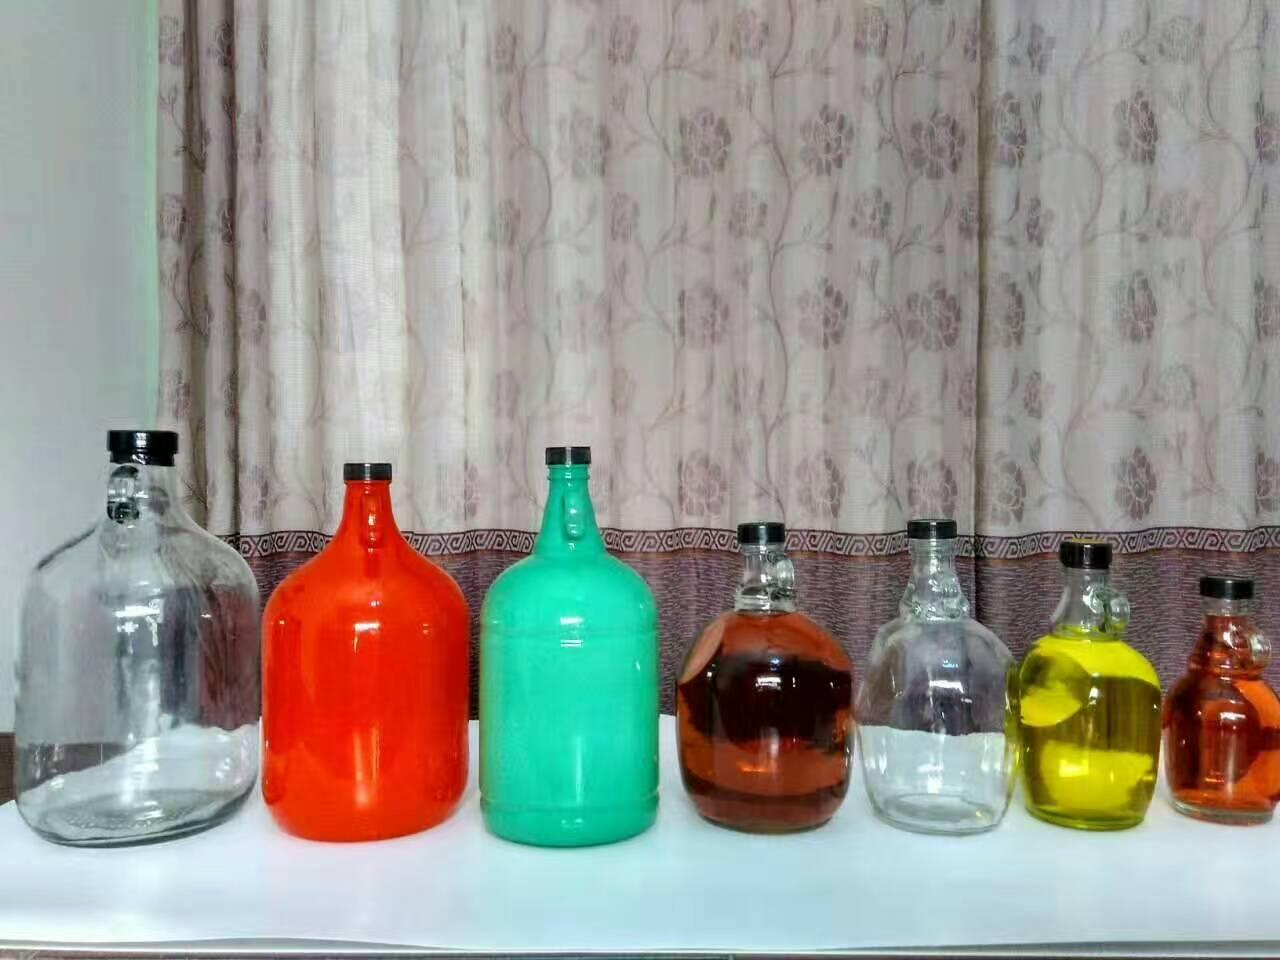 加州酒瓶自酿葡萄酒瓶密封泡酒玻璃